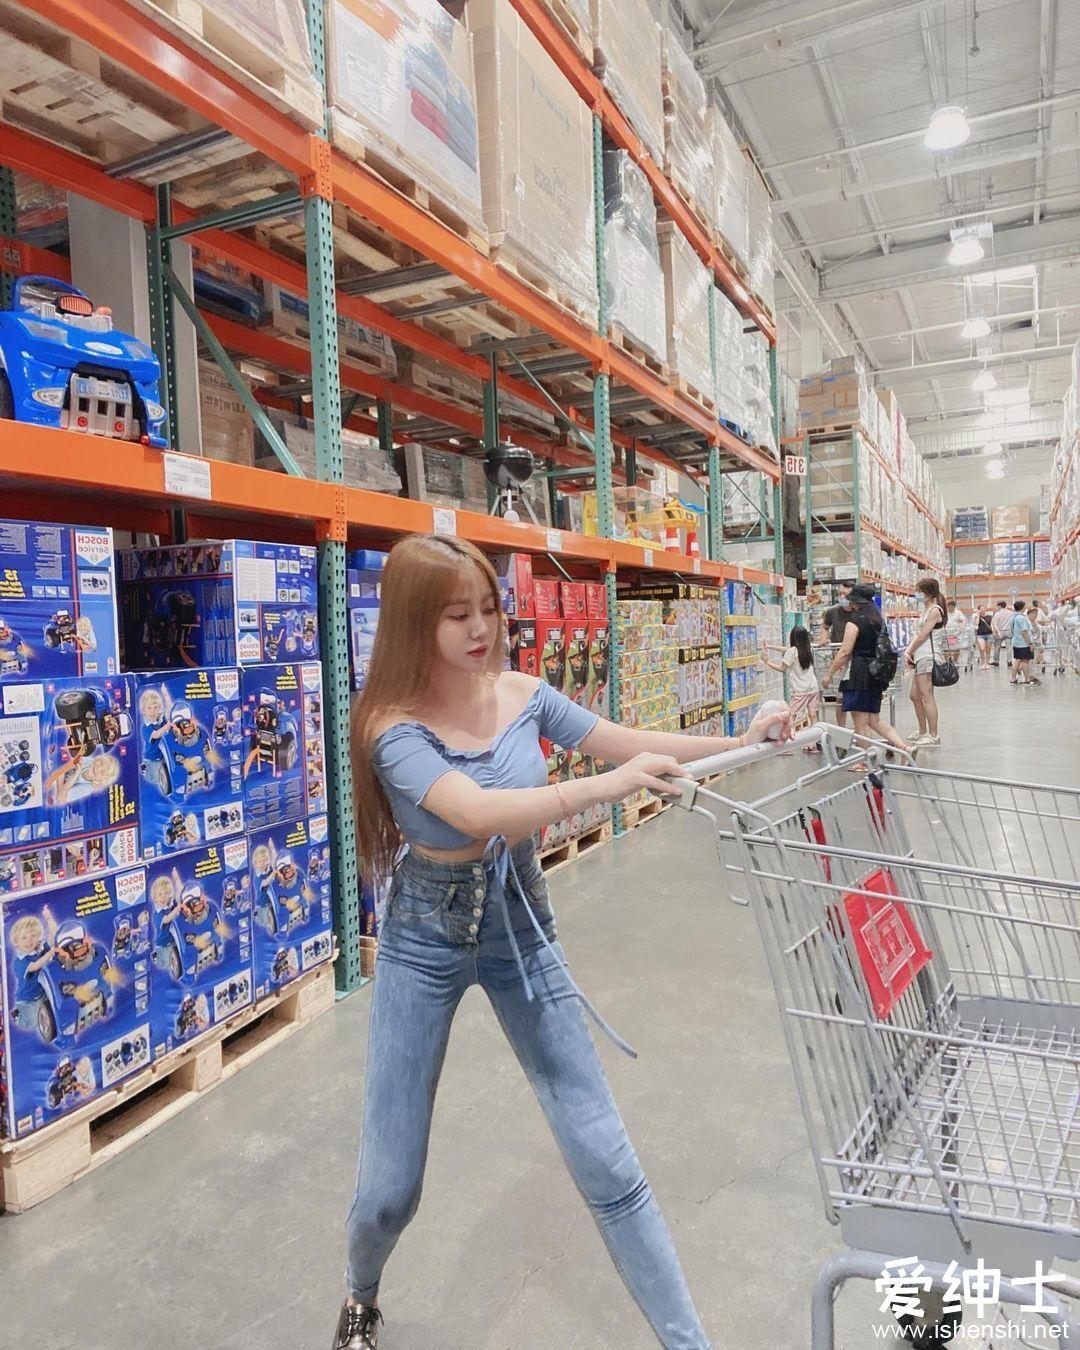 超市偶遇「丰乳翘臀」小萝莉!超大蜜桃臀让人目不转睛!